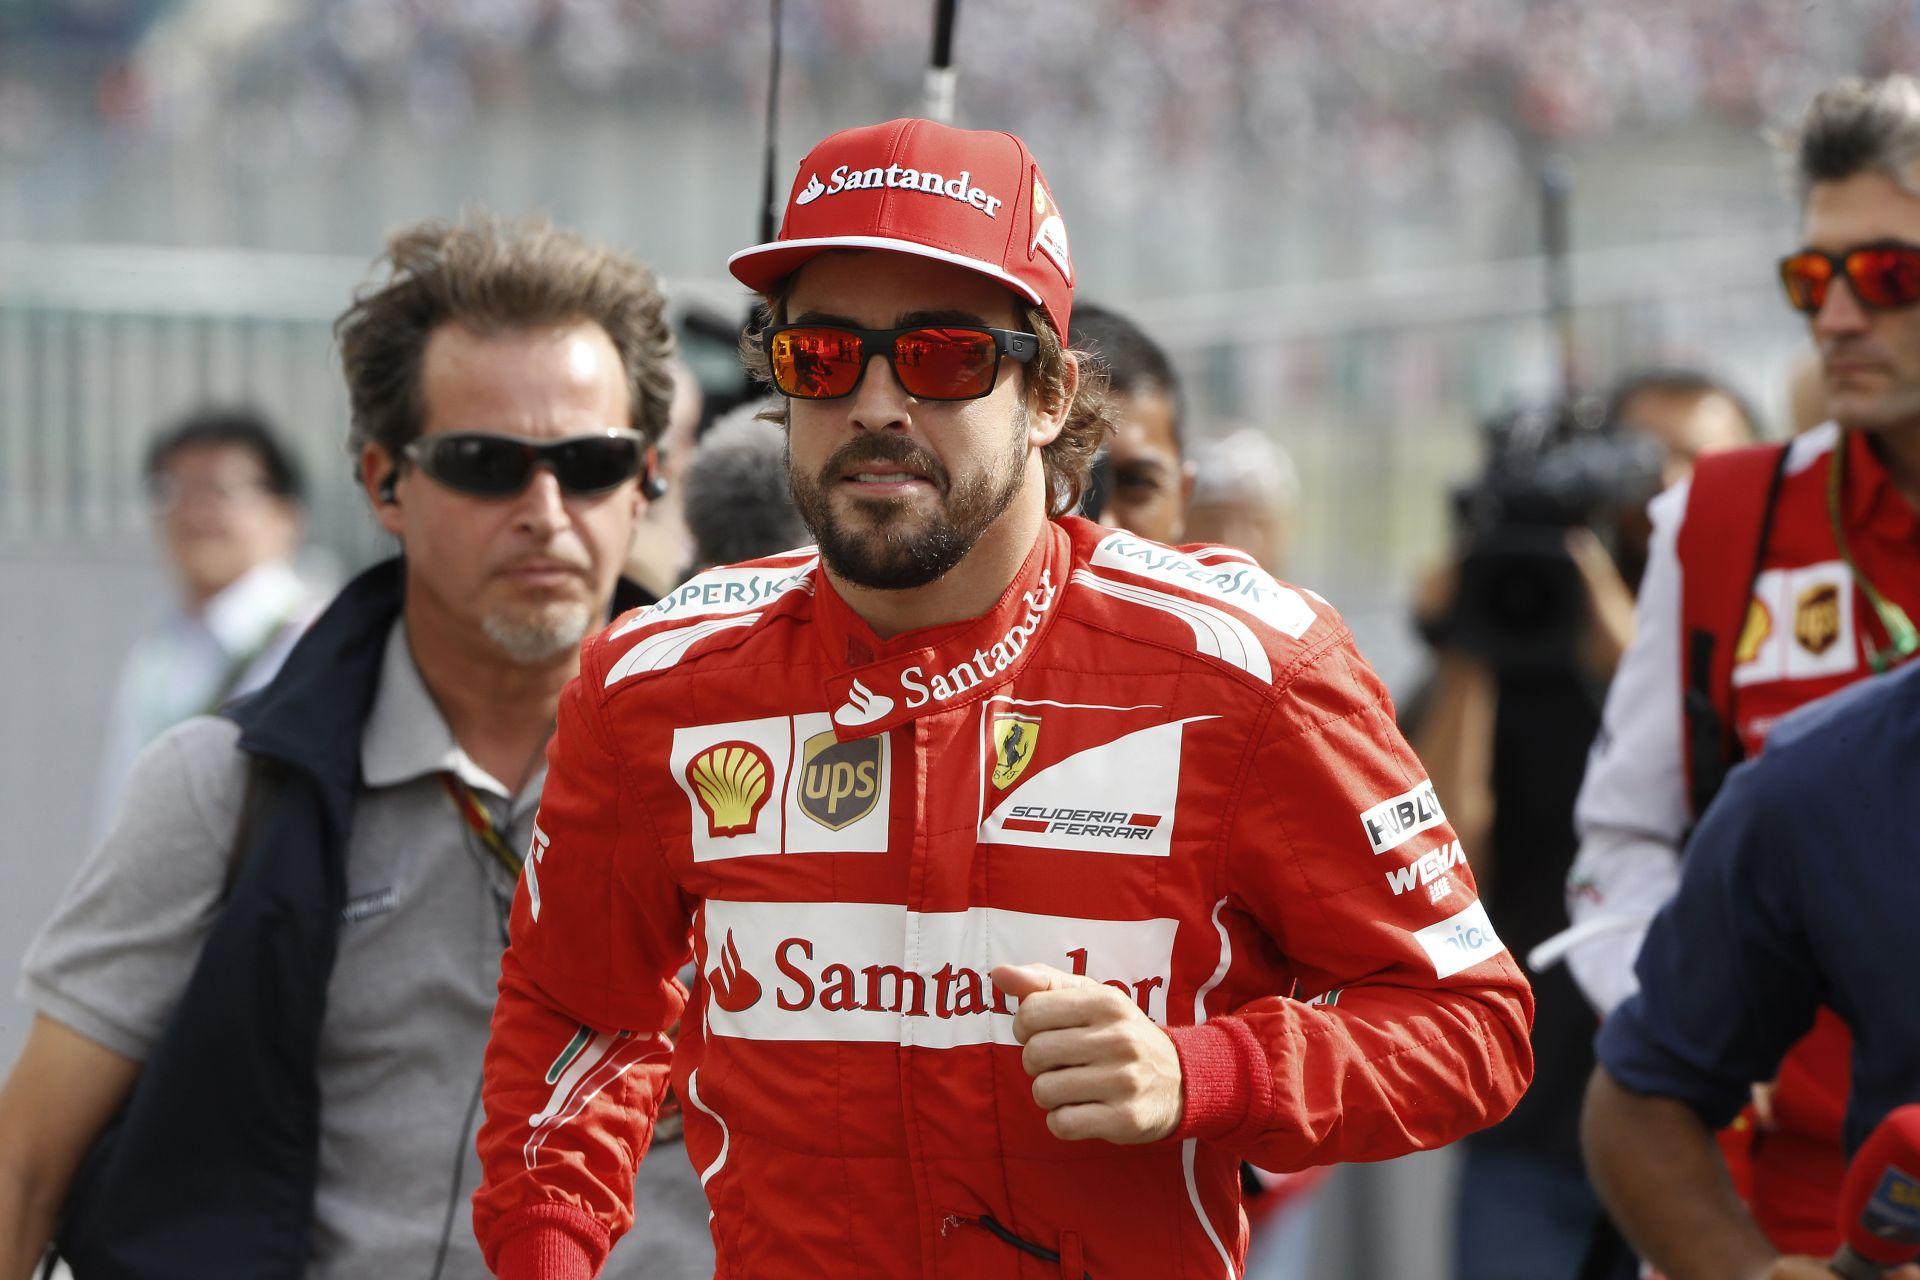 Massa ex-versenymérnöke szerint Alonso valószínűleg minden idők legjobb F1-es versenyzője